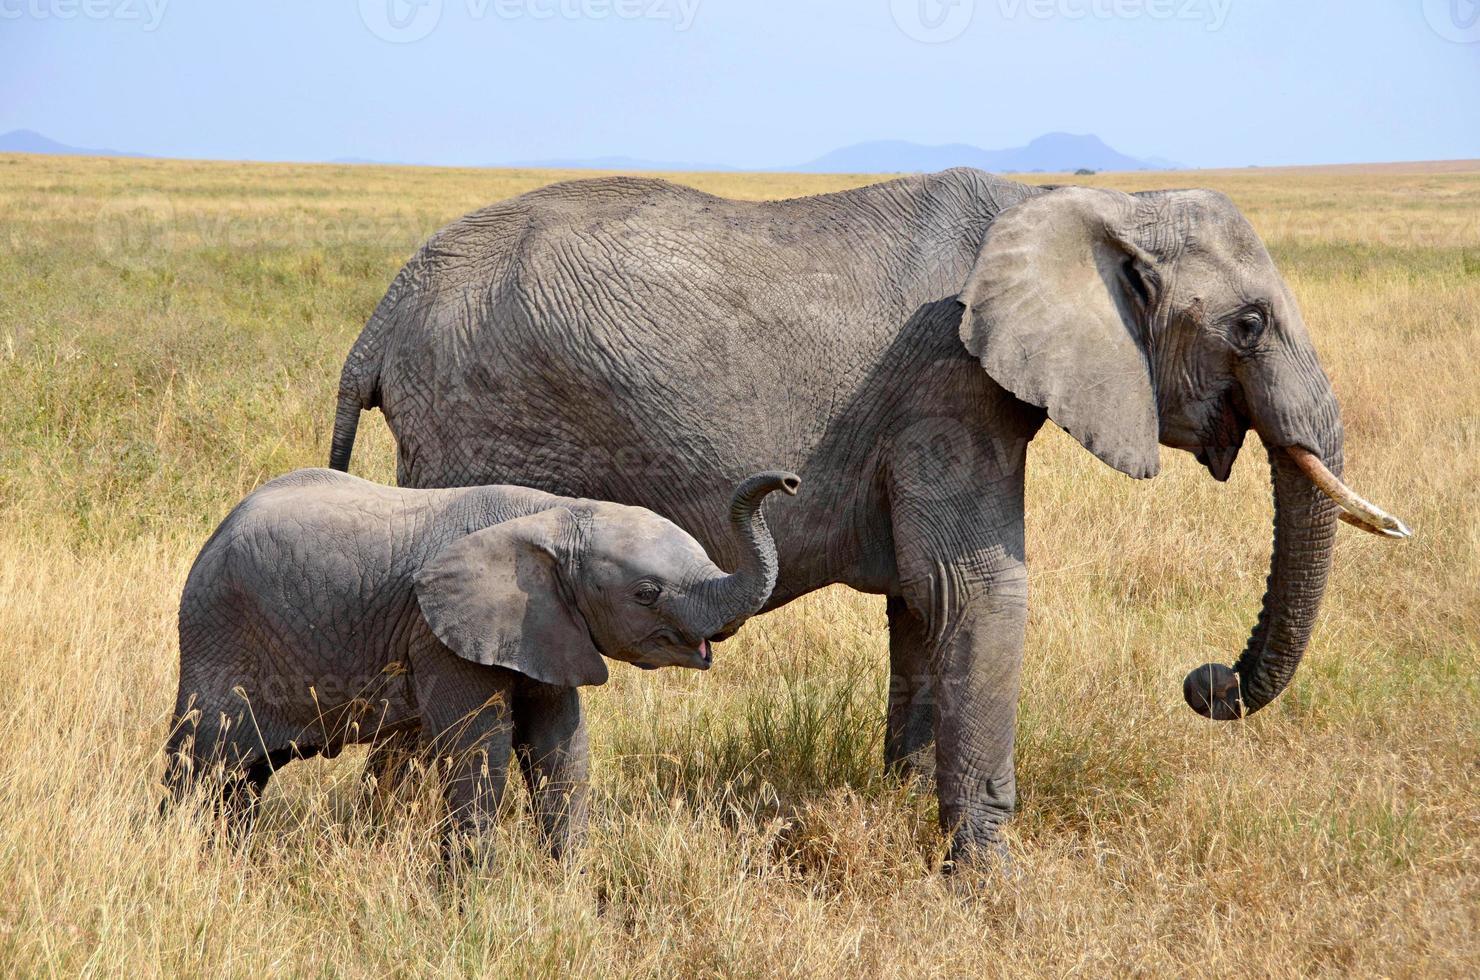 Elefantenbaby mit Mutter, die im Gras steht foto